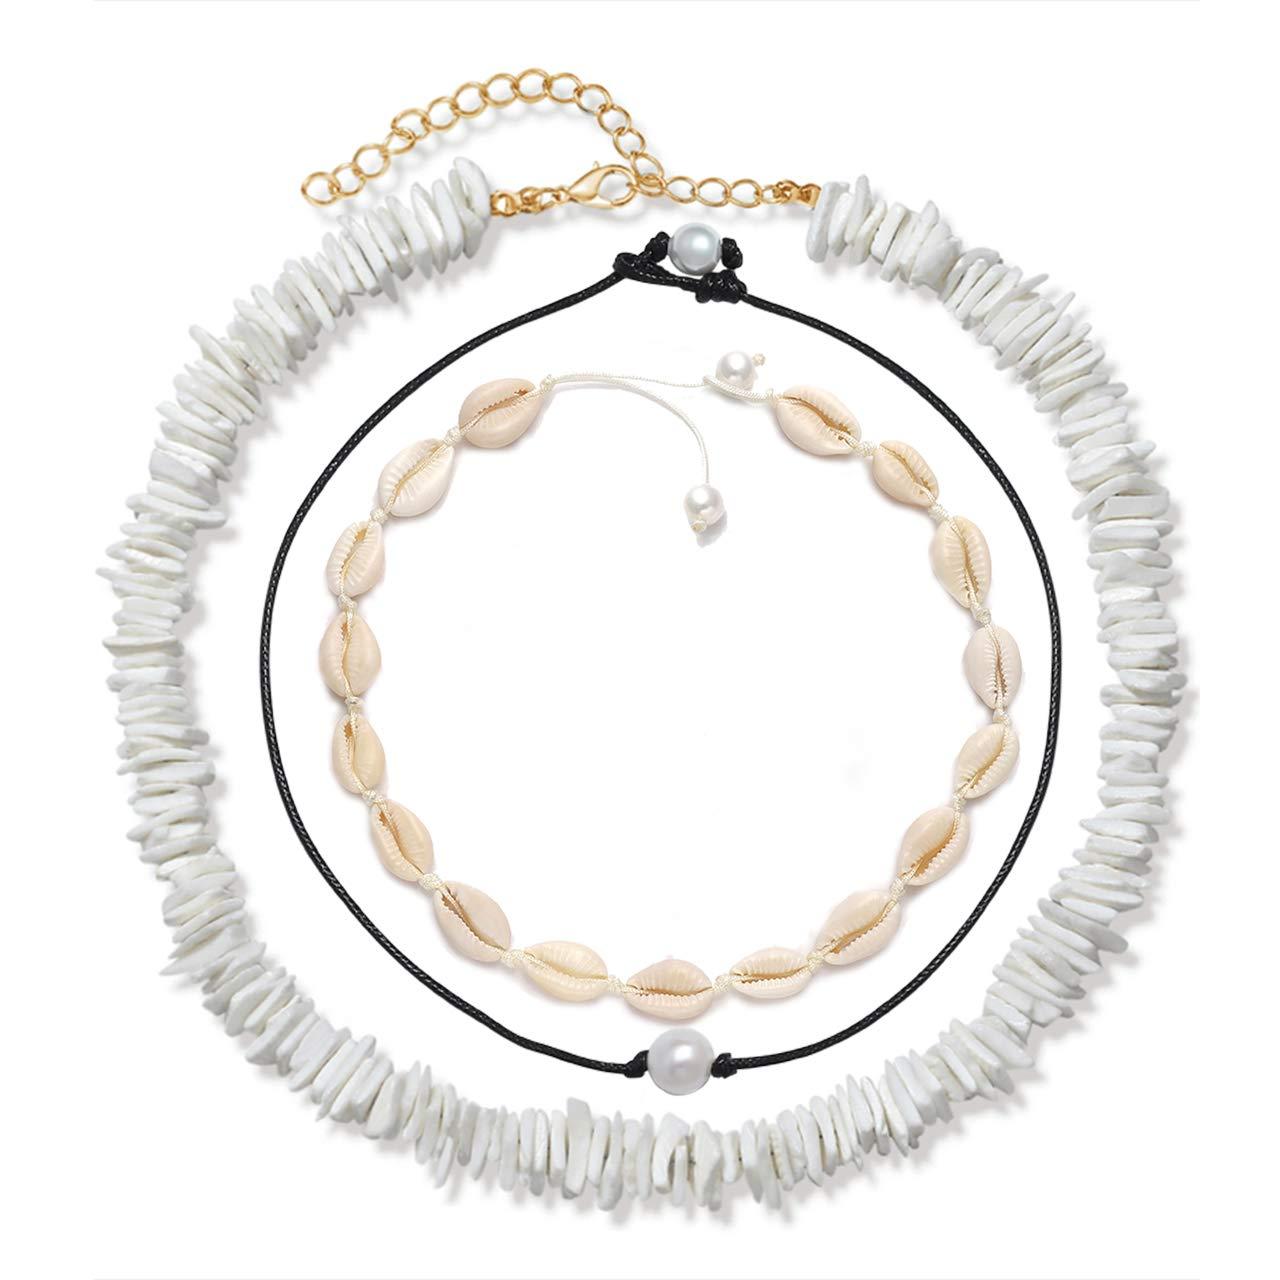 VOGUEKNOCK Shell Choker Necklace Mixed 3 Strands Puka Chip Shell Necklace Hawaii Beach Cowrie Seashell Necklace Pearl Choker Necklace Jewelry for Women Men (3 Strands Choker Set)